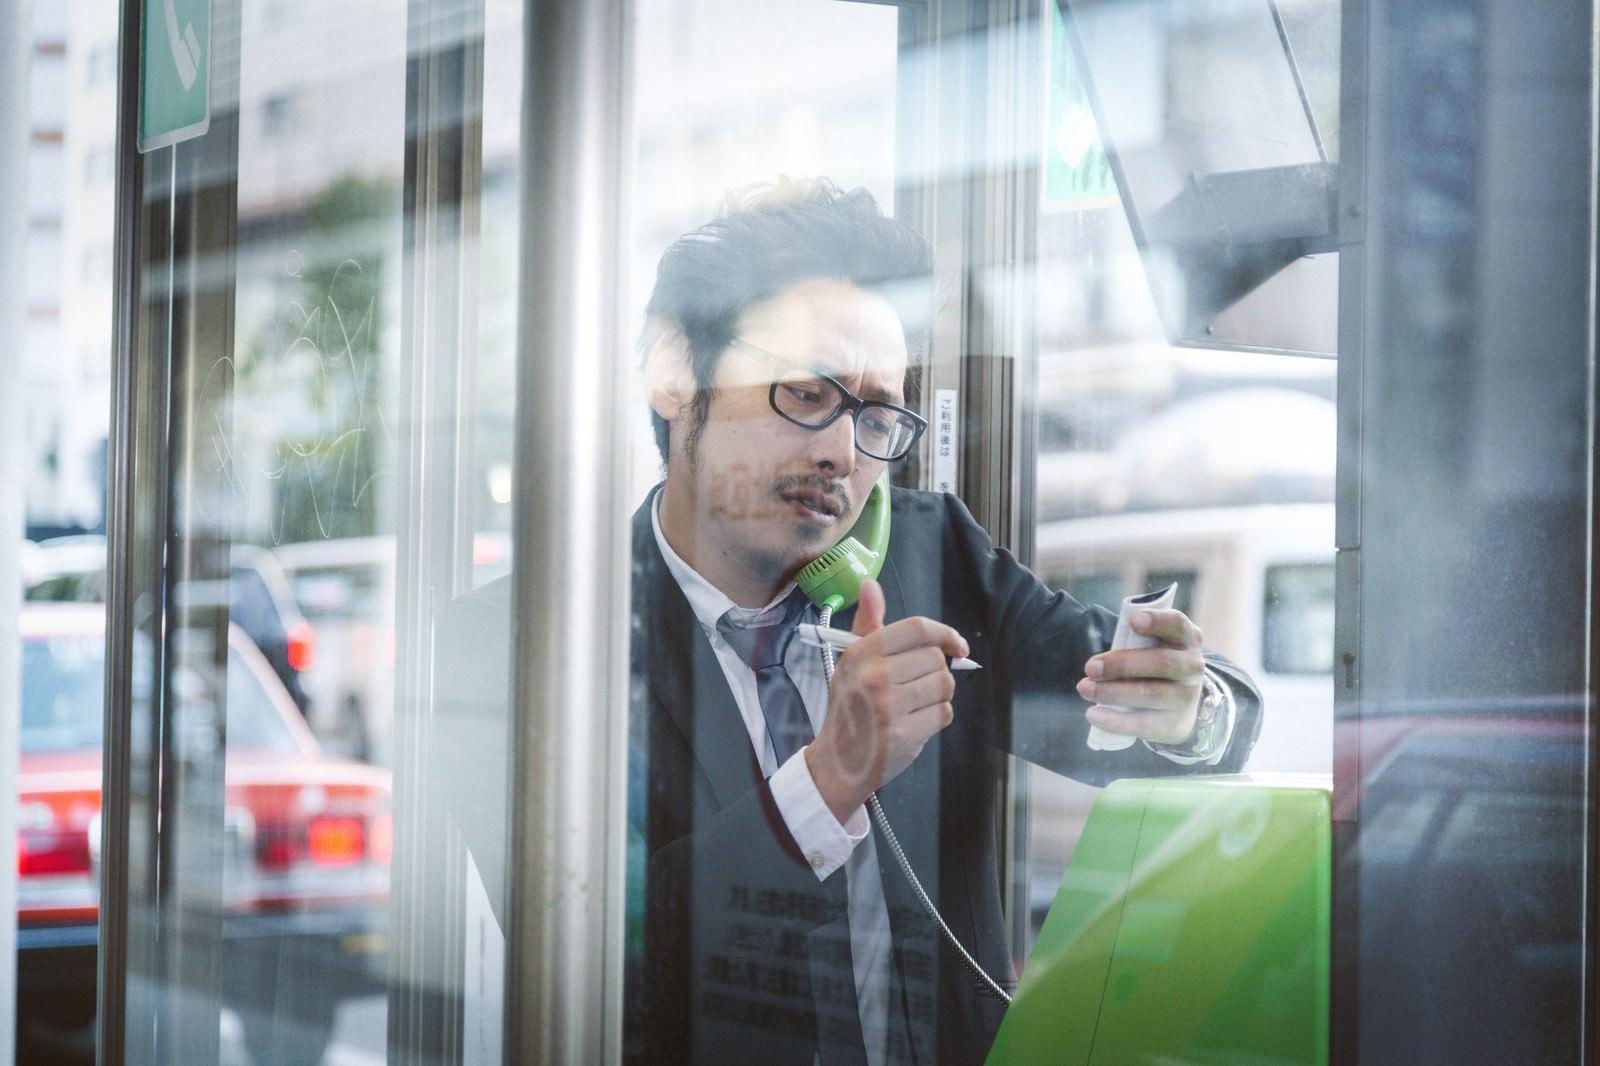 OY151013440064 TP V public phone